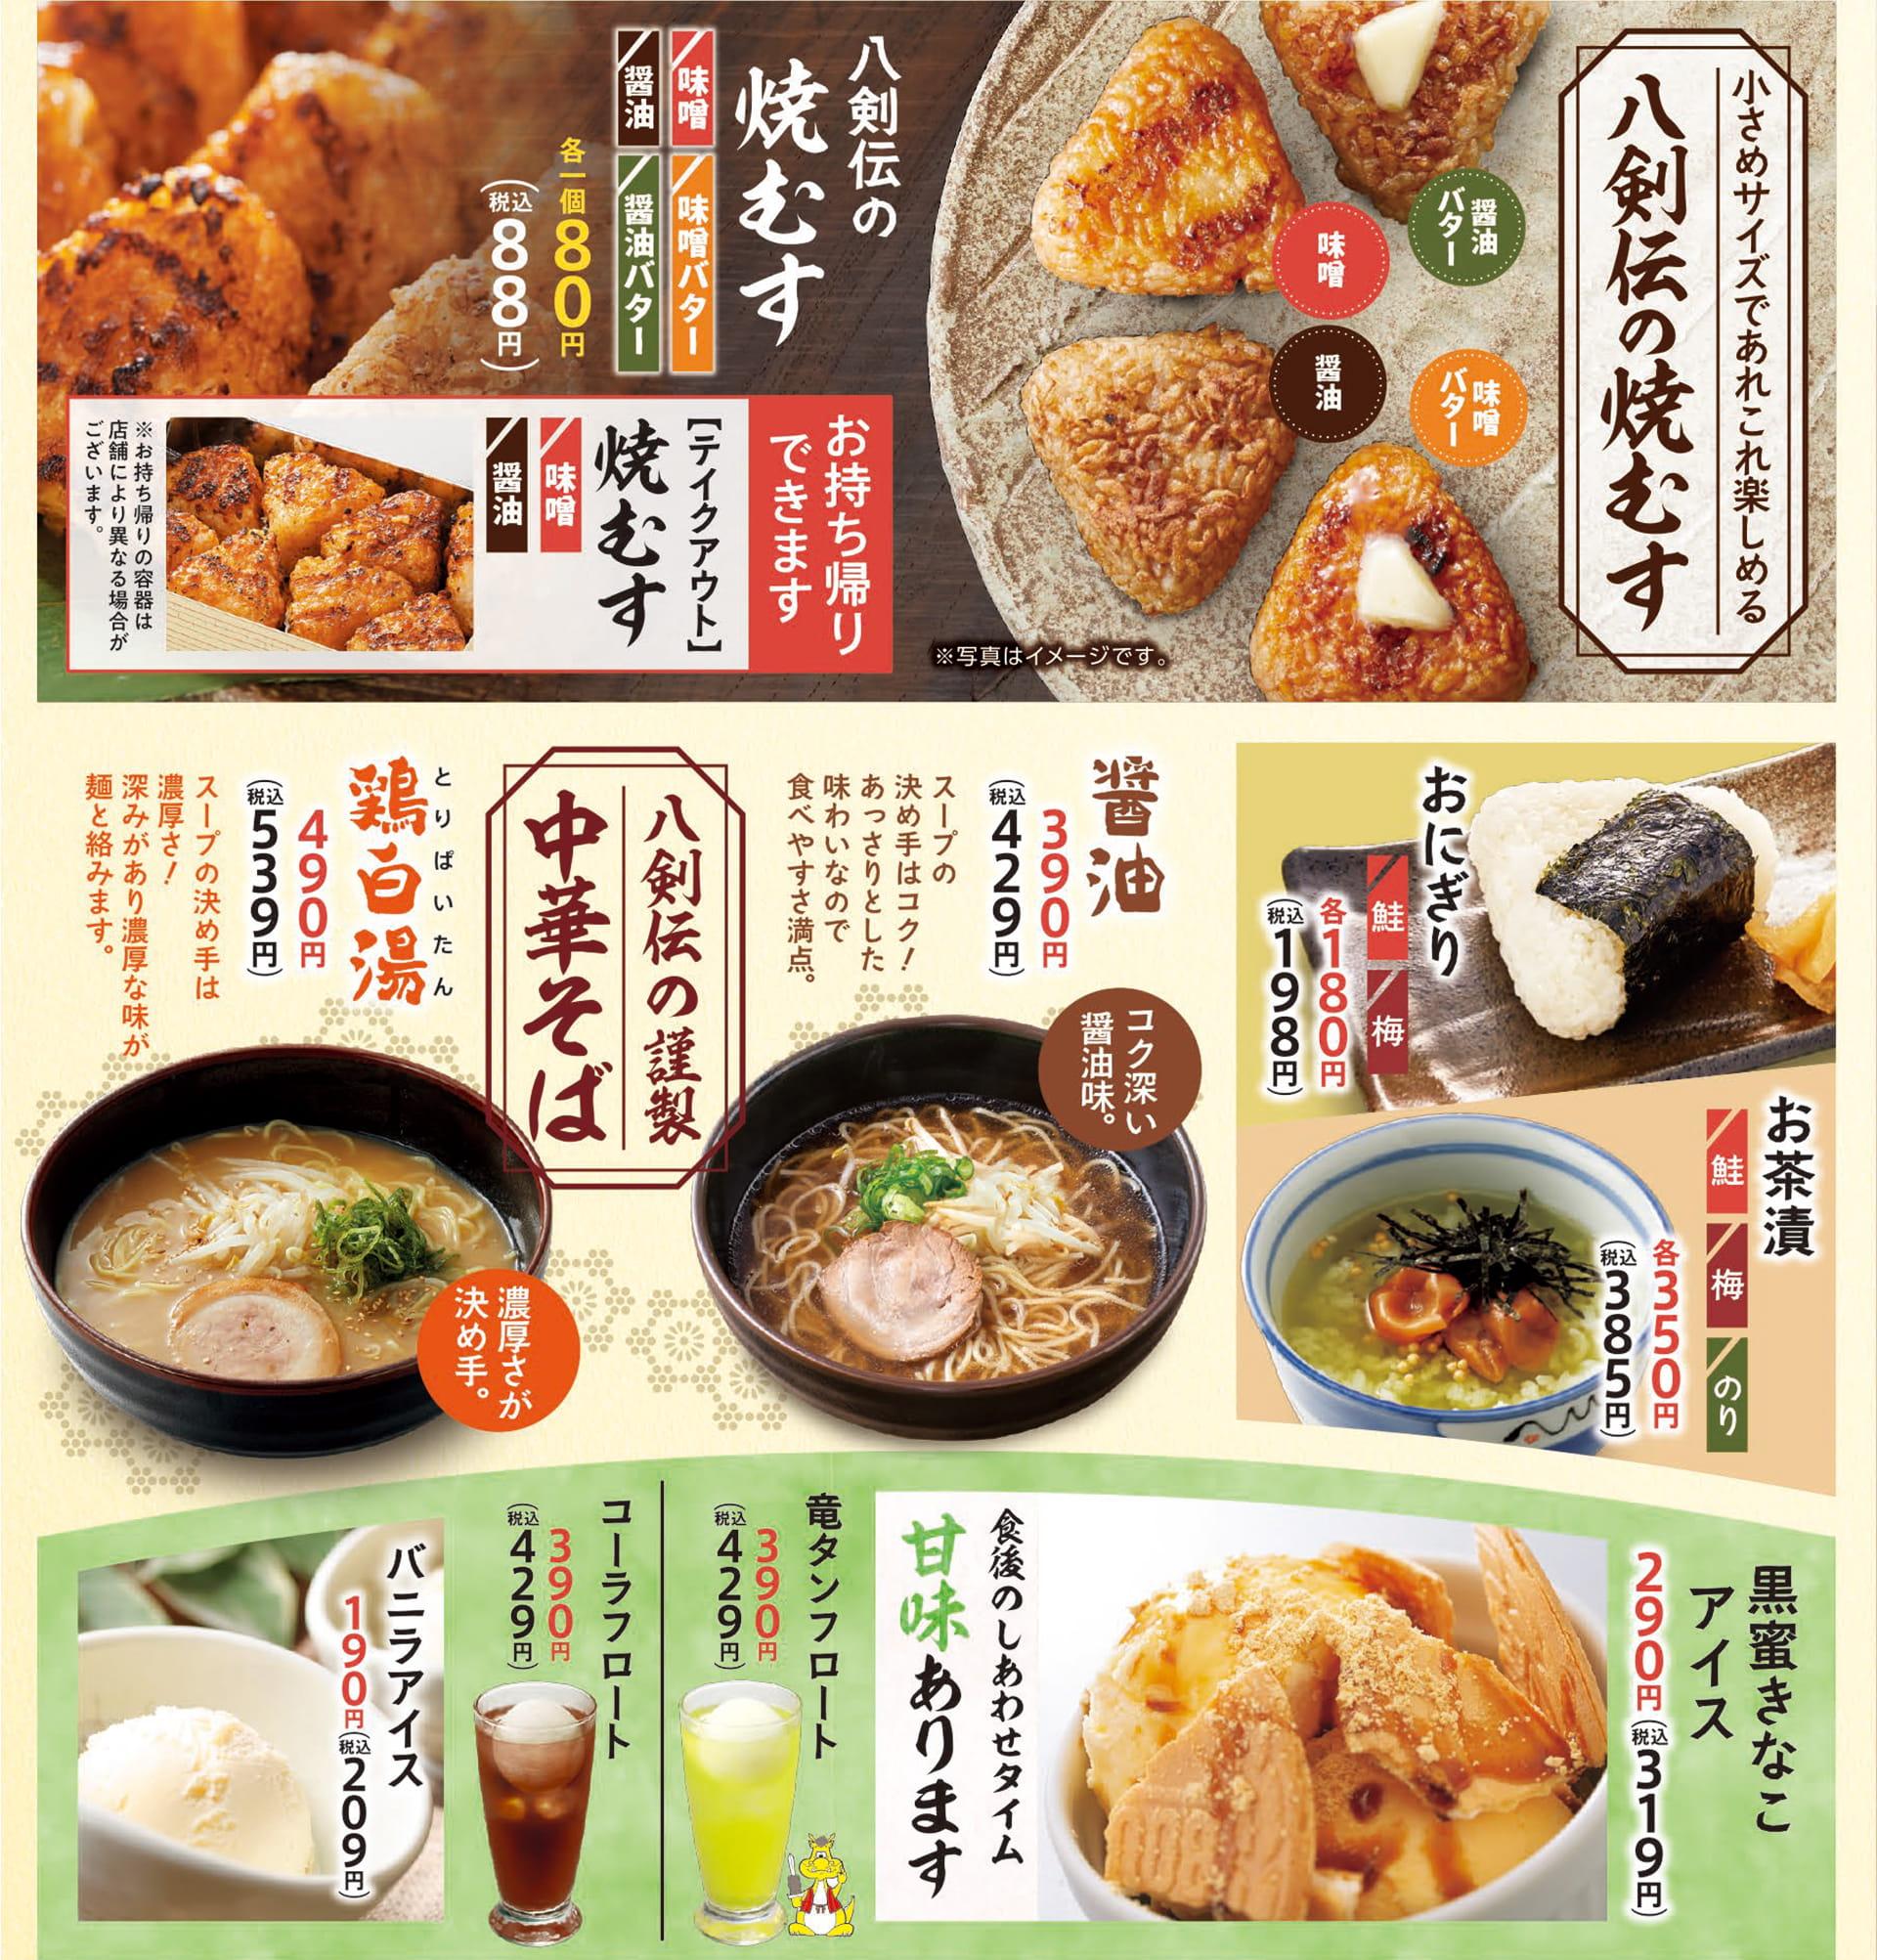 八剣食堂 ご飯・麺・焼むす